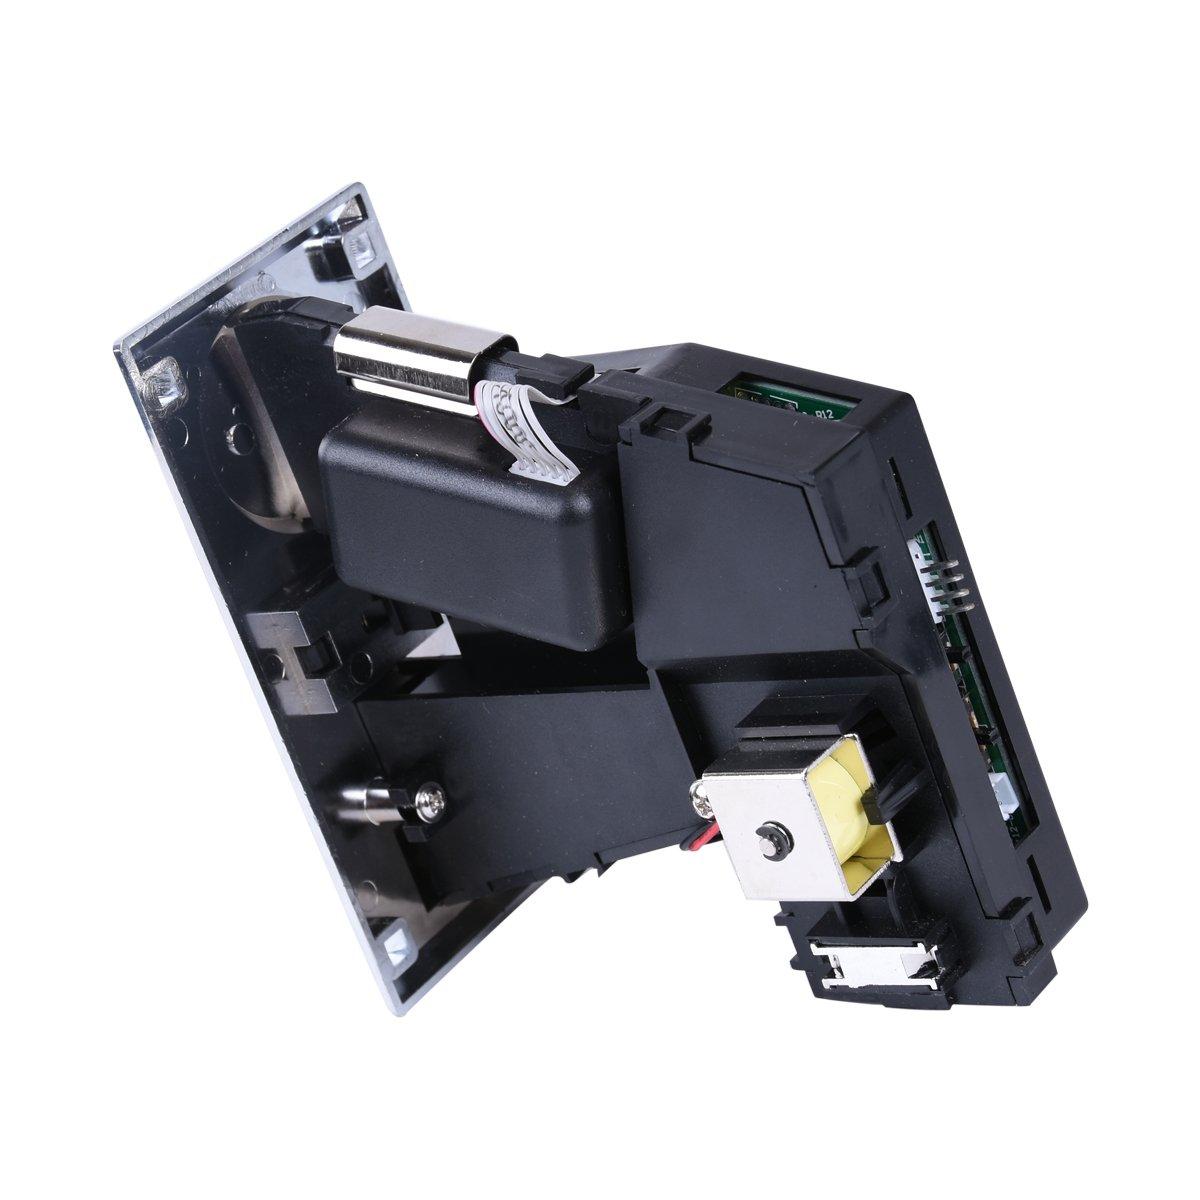 6 Clases Diferentes Monedas aceptador validador para Juegos de Video Arcade Parte de máquina expendedora y fichas de Panel colector de fichas Soporte ...